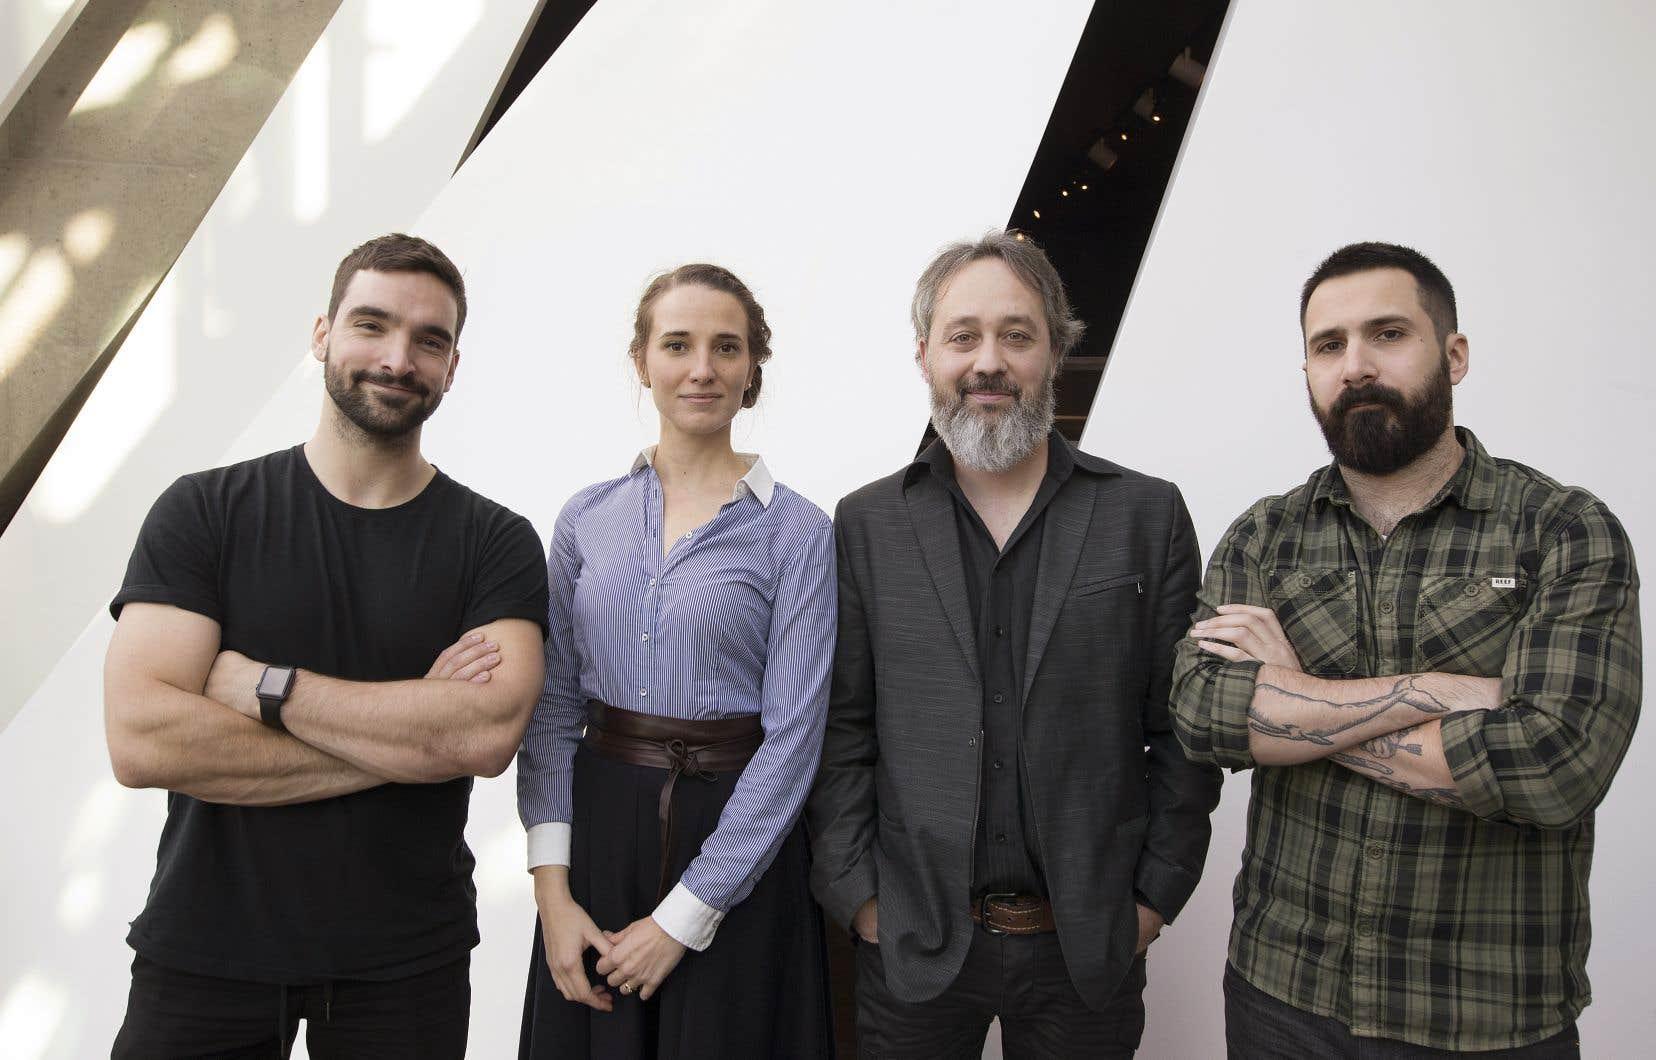 Quatre des cinq finalistes (de gauche à droite): Jean-Philippe Baril Guérard, Audrée Wilhelmy, Jean-François Caron et Stéphane Larue. Abia Farhoud était absente du dévoilement.